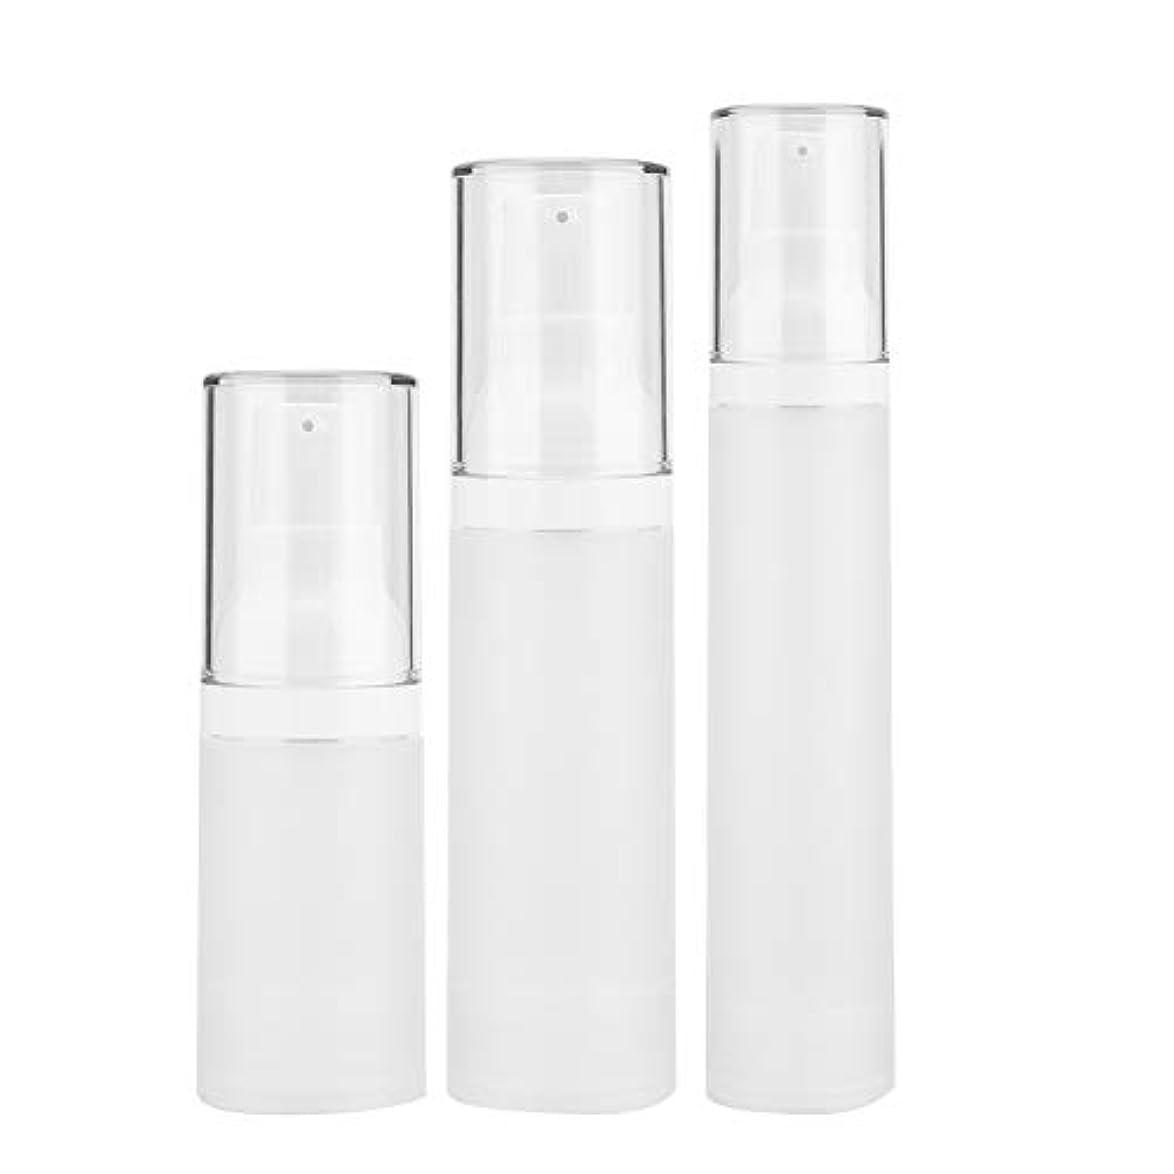 光沢のある聖人スーパー3本入りトラベルボトルセット - 化粧品旅行用容器、化粧品容器が空の化粧品容器付きペットボトル - シャンプーとスプレー用(3 pcs)